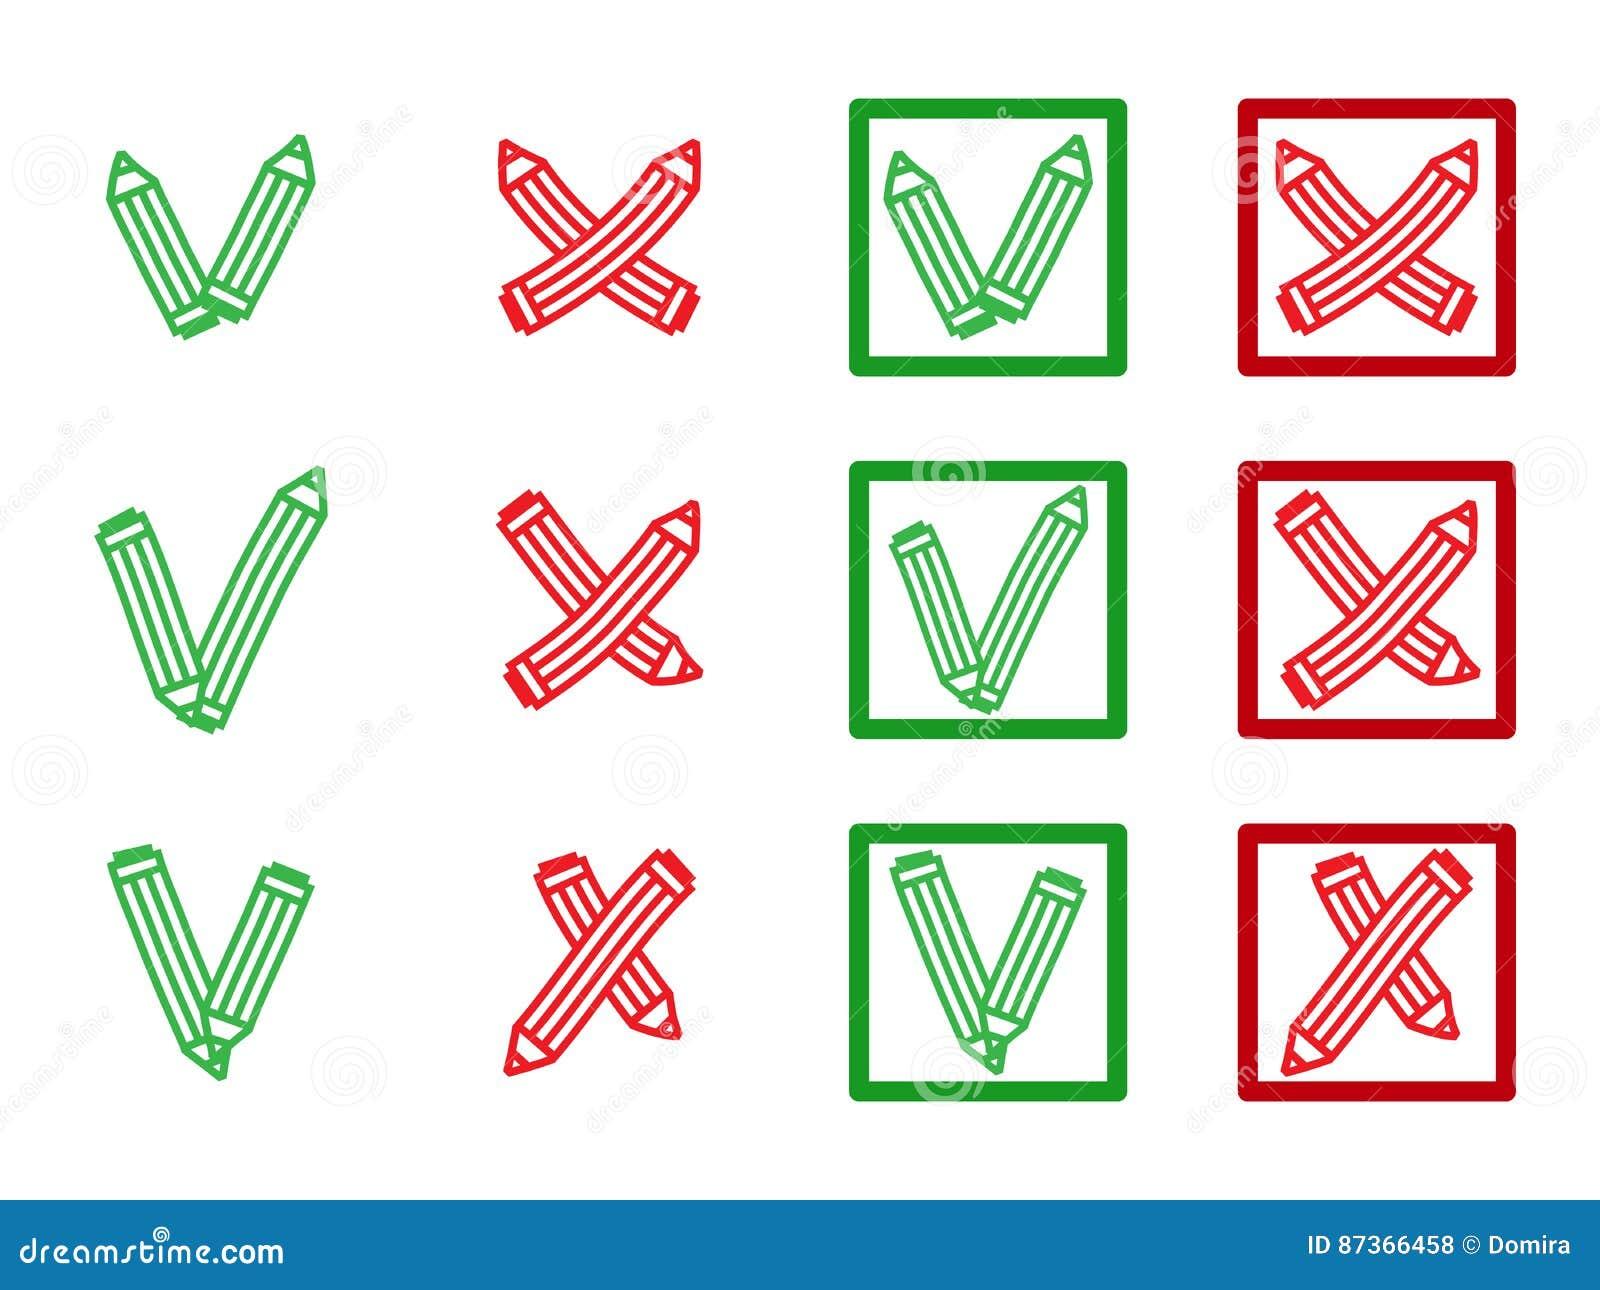 Markieren Sie X Und V In Der Form Von Bleistiften Grüne Haken ...